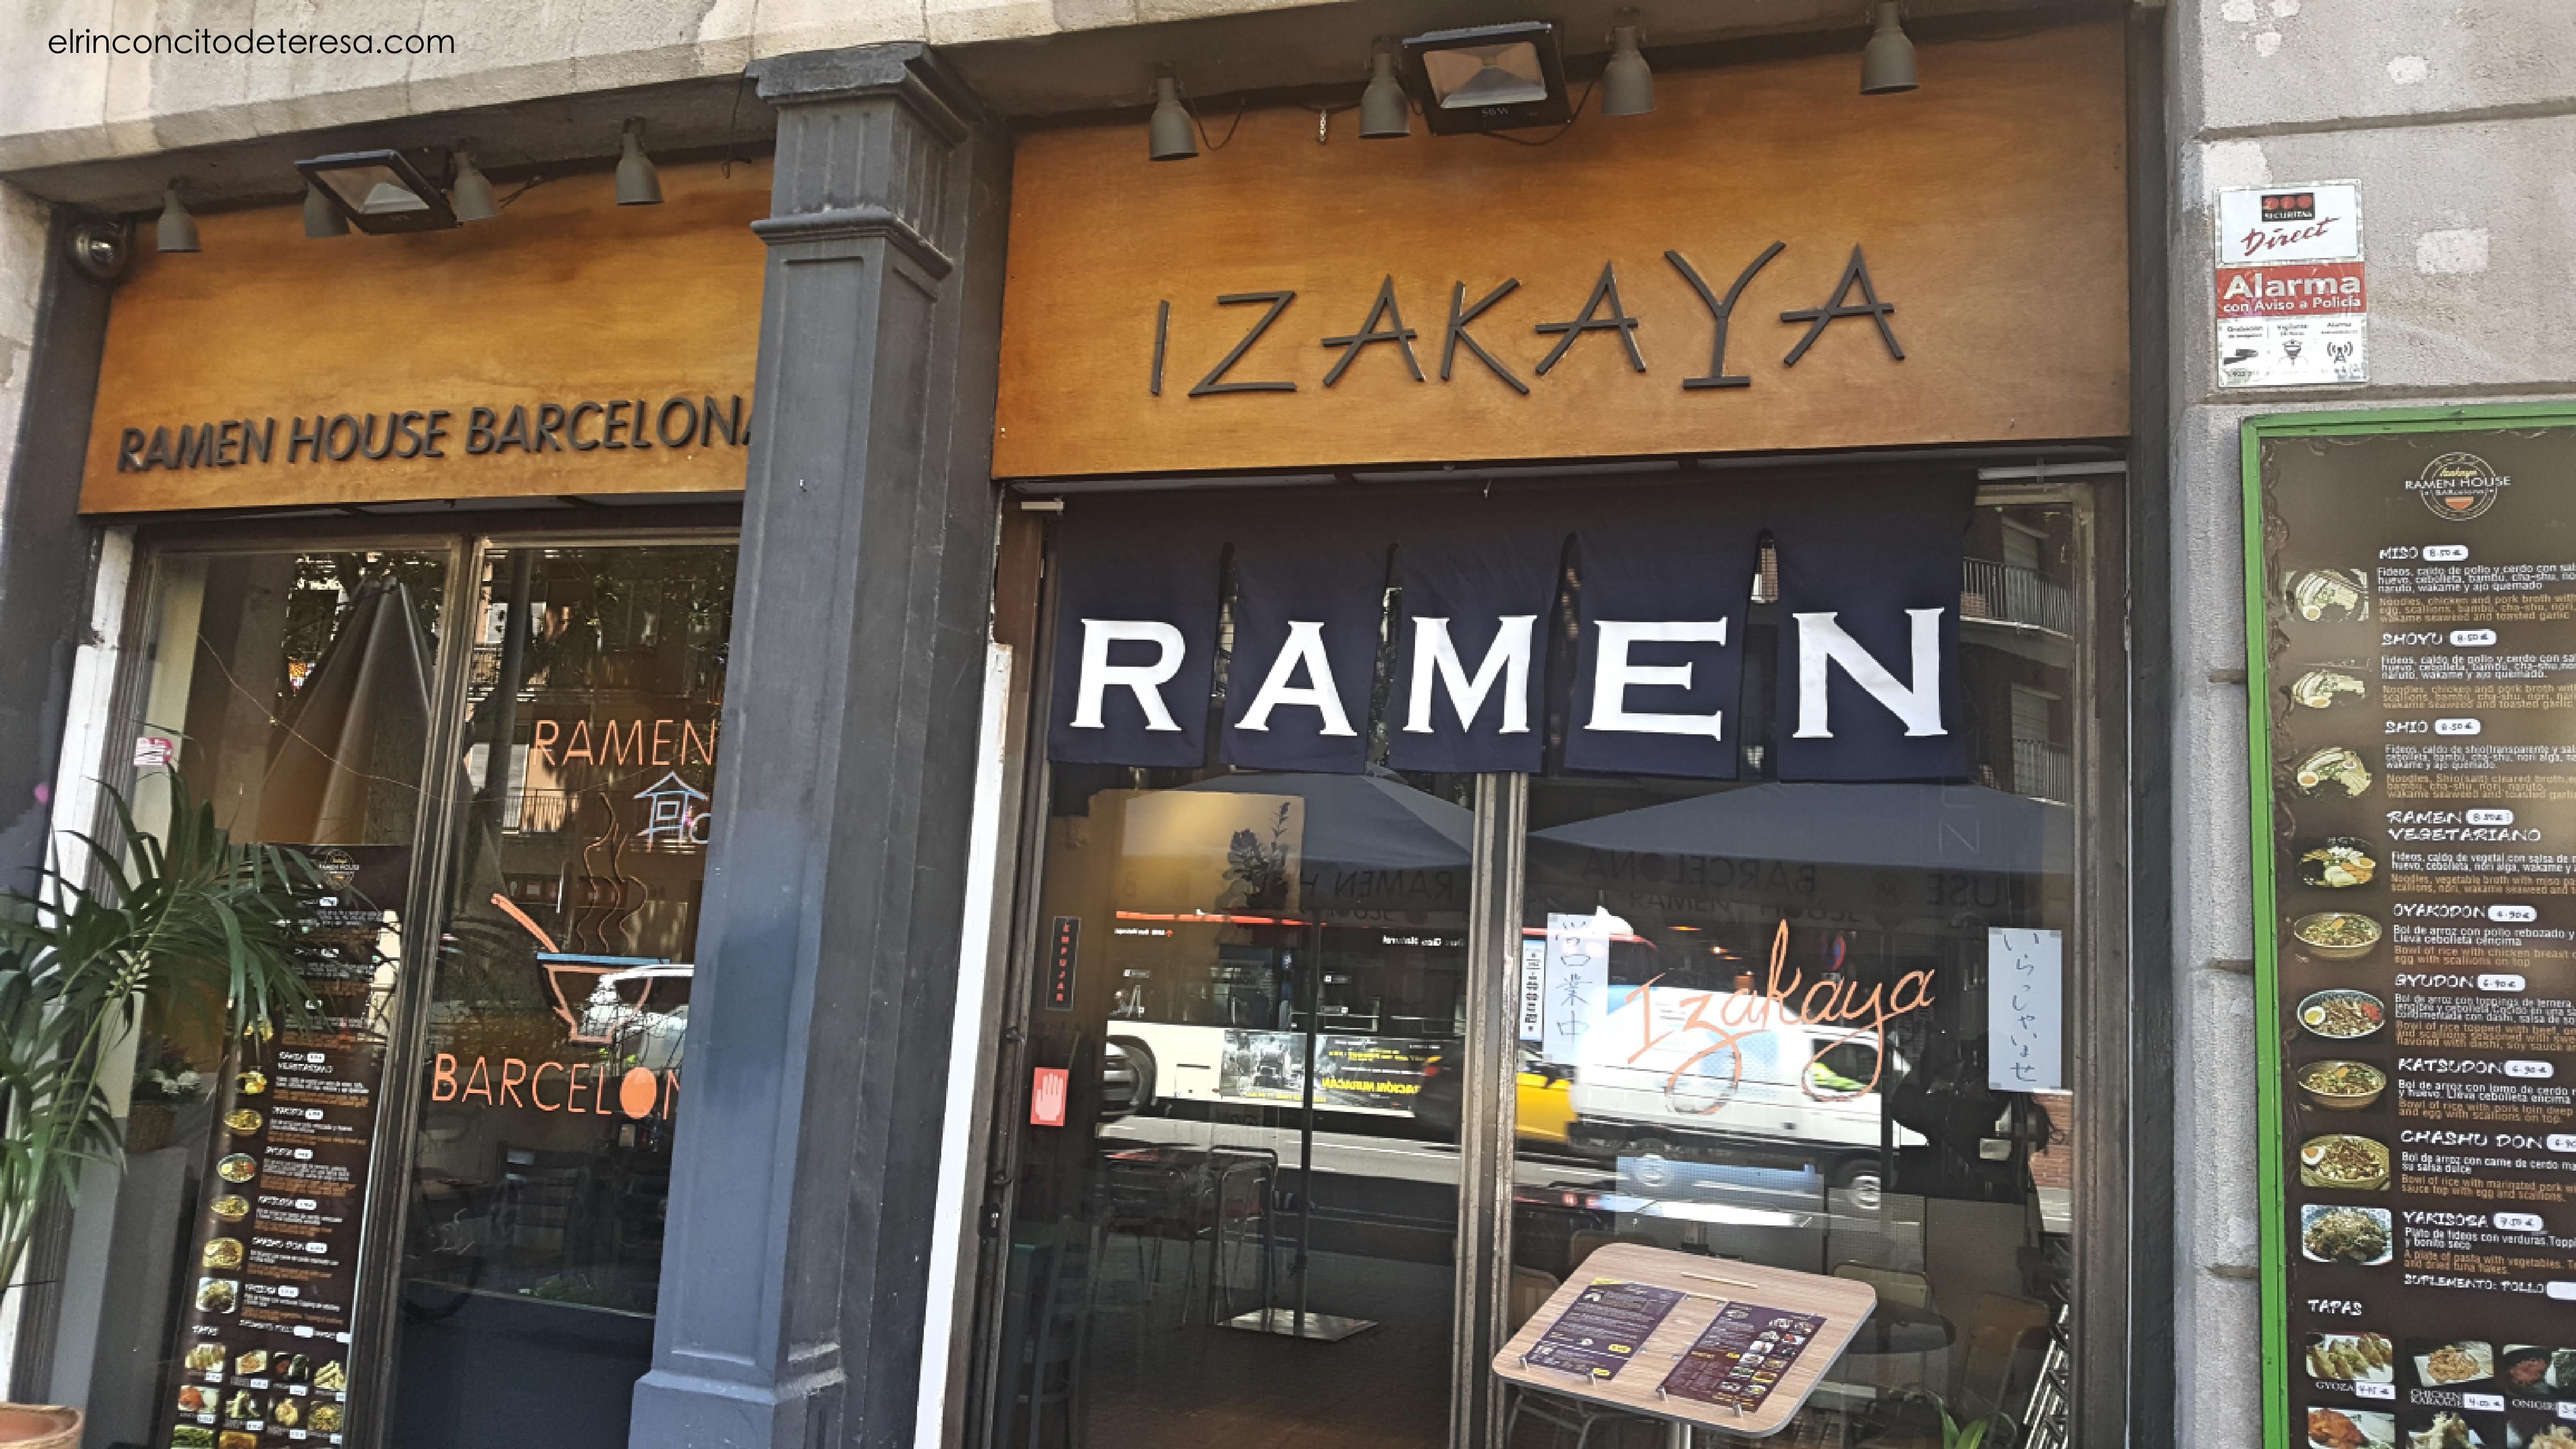 izakaya-entrada